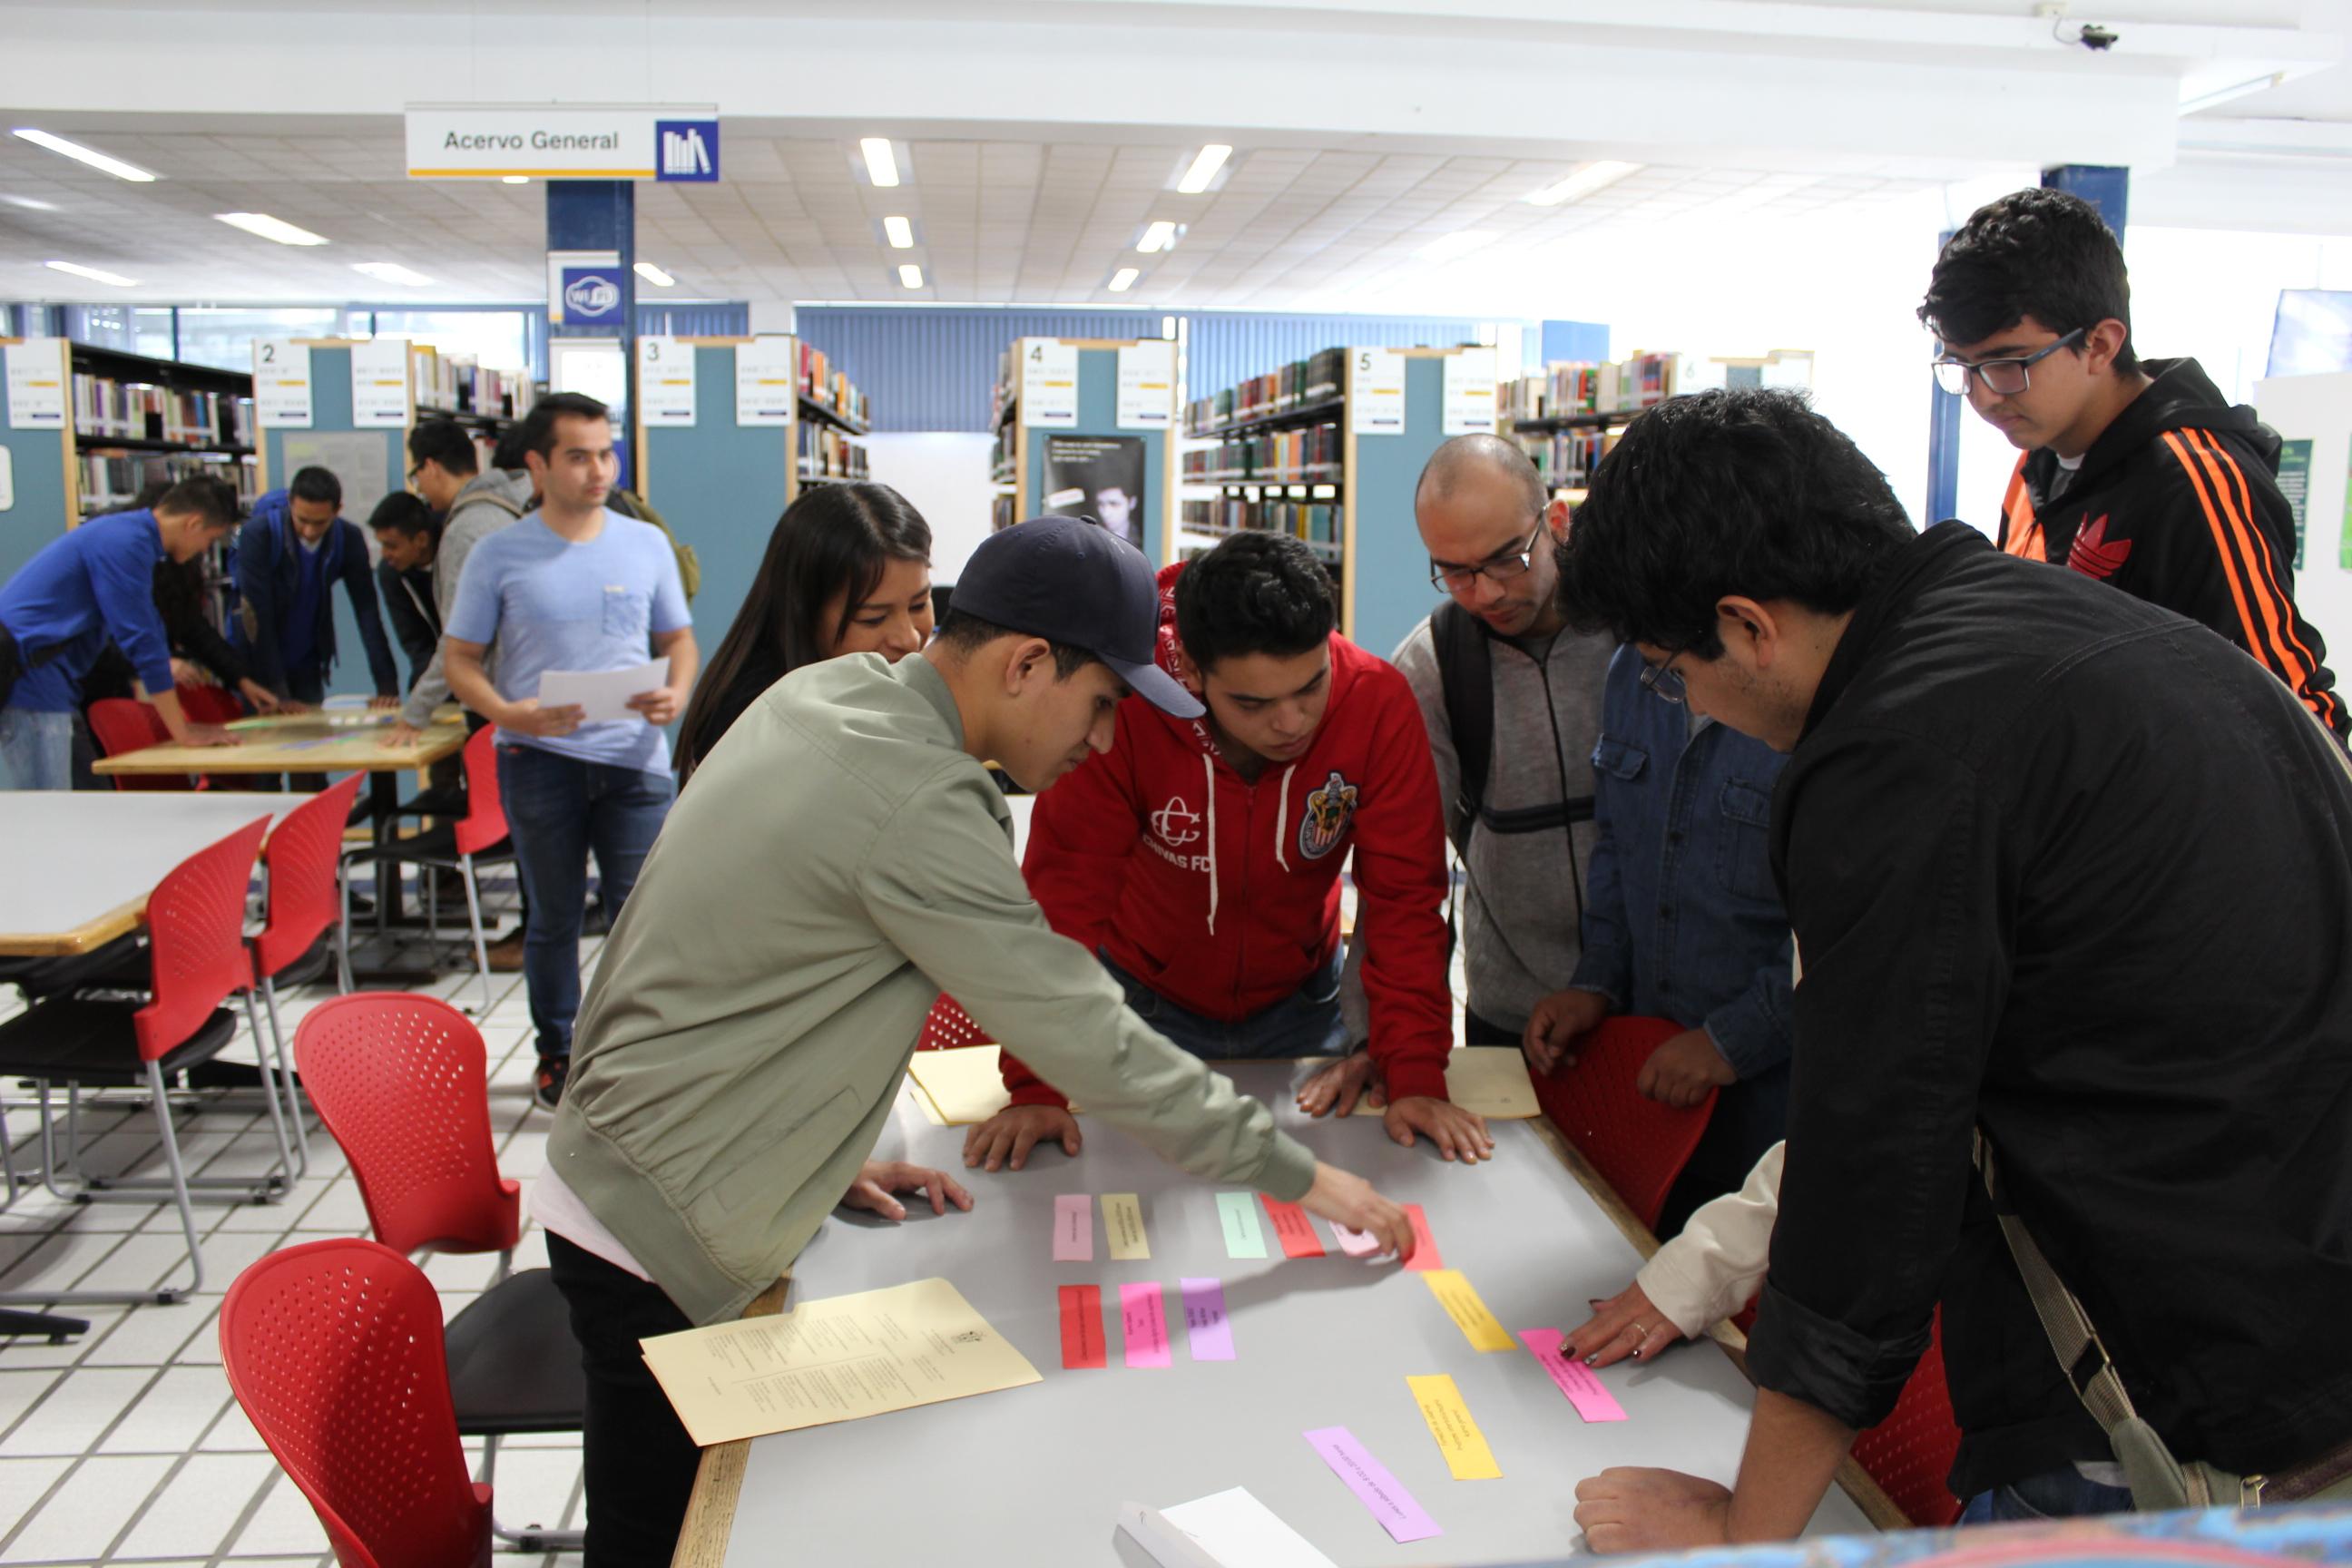 Estudiantes de nuevo ingreso en la biblioteca, en el reto del rally de inducción